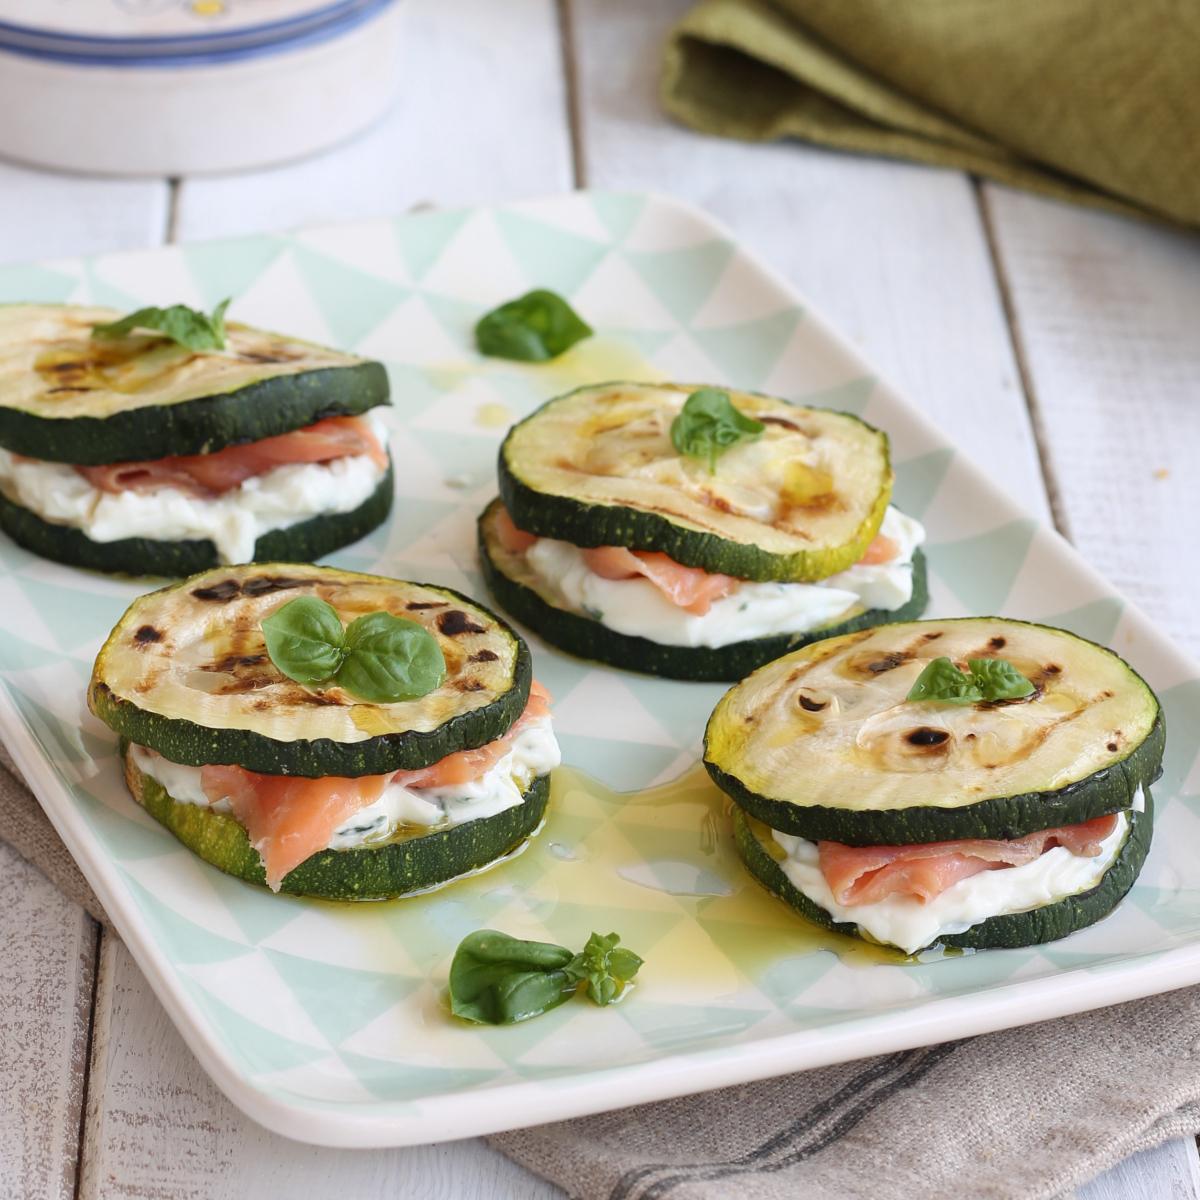 MILLEFOGLIE ZUCCHINE SALMONE ricetta sandwich zucchine grigliate